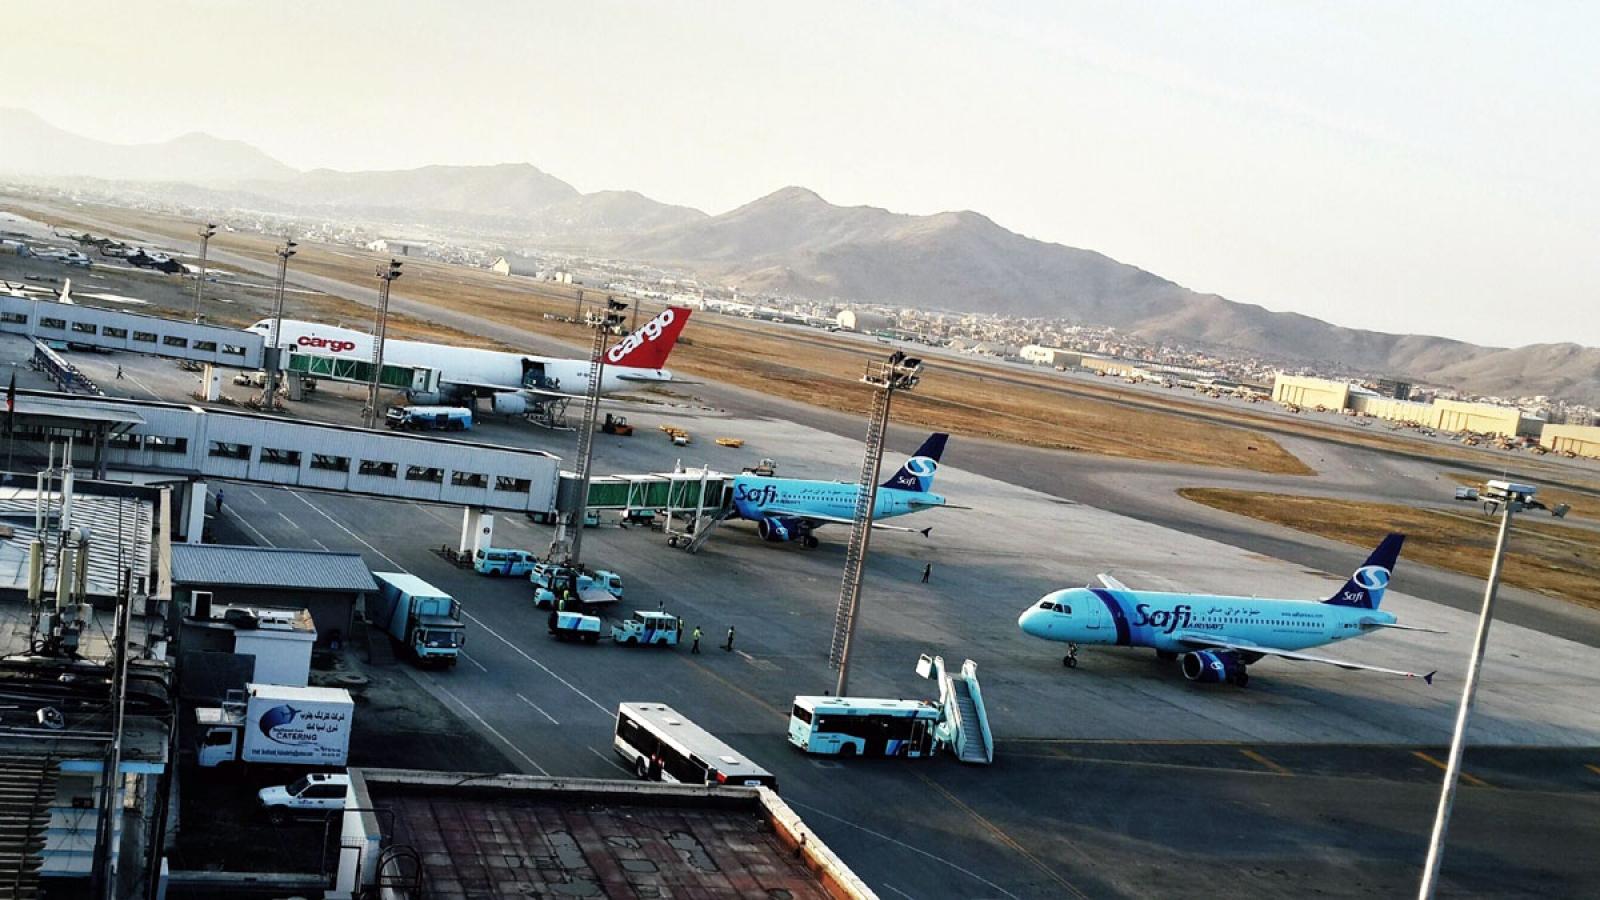 Thổ Nhĩ Kỳ sẵn sàng tiếp quản sân bay Kabul sau khi NATO rời đi